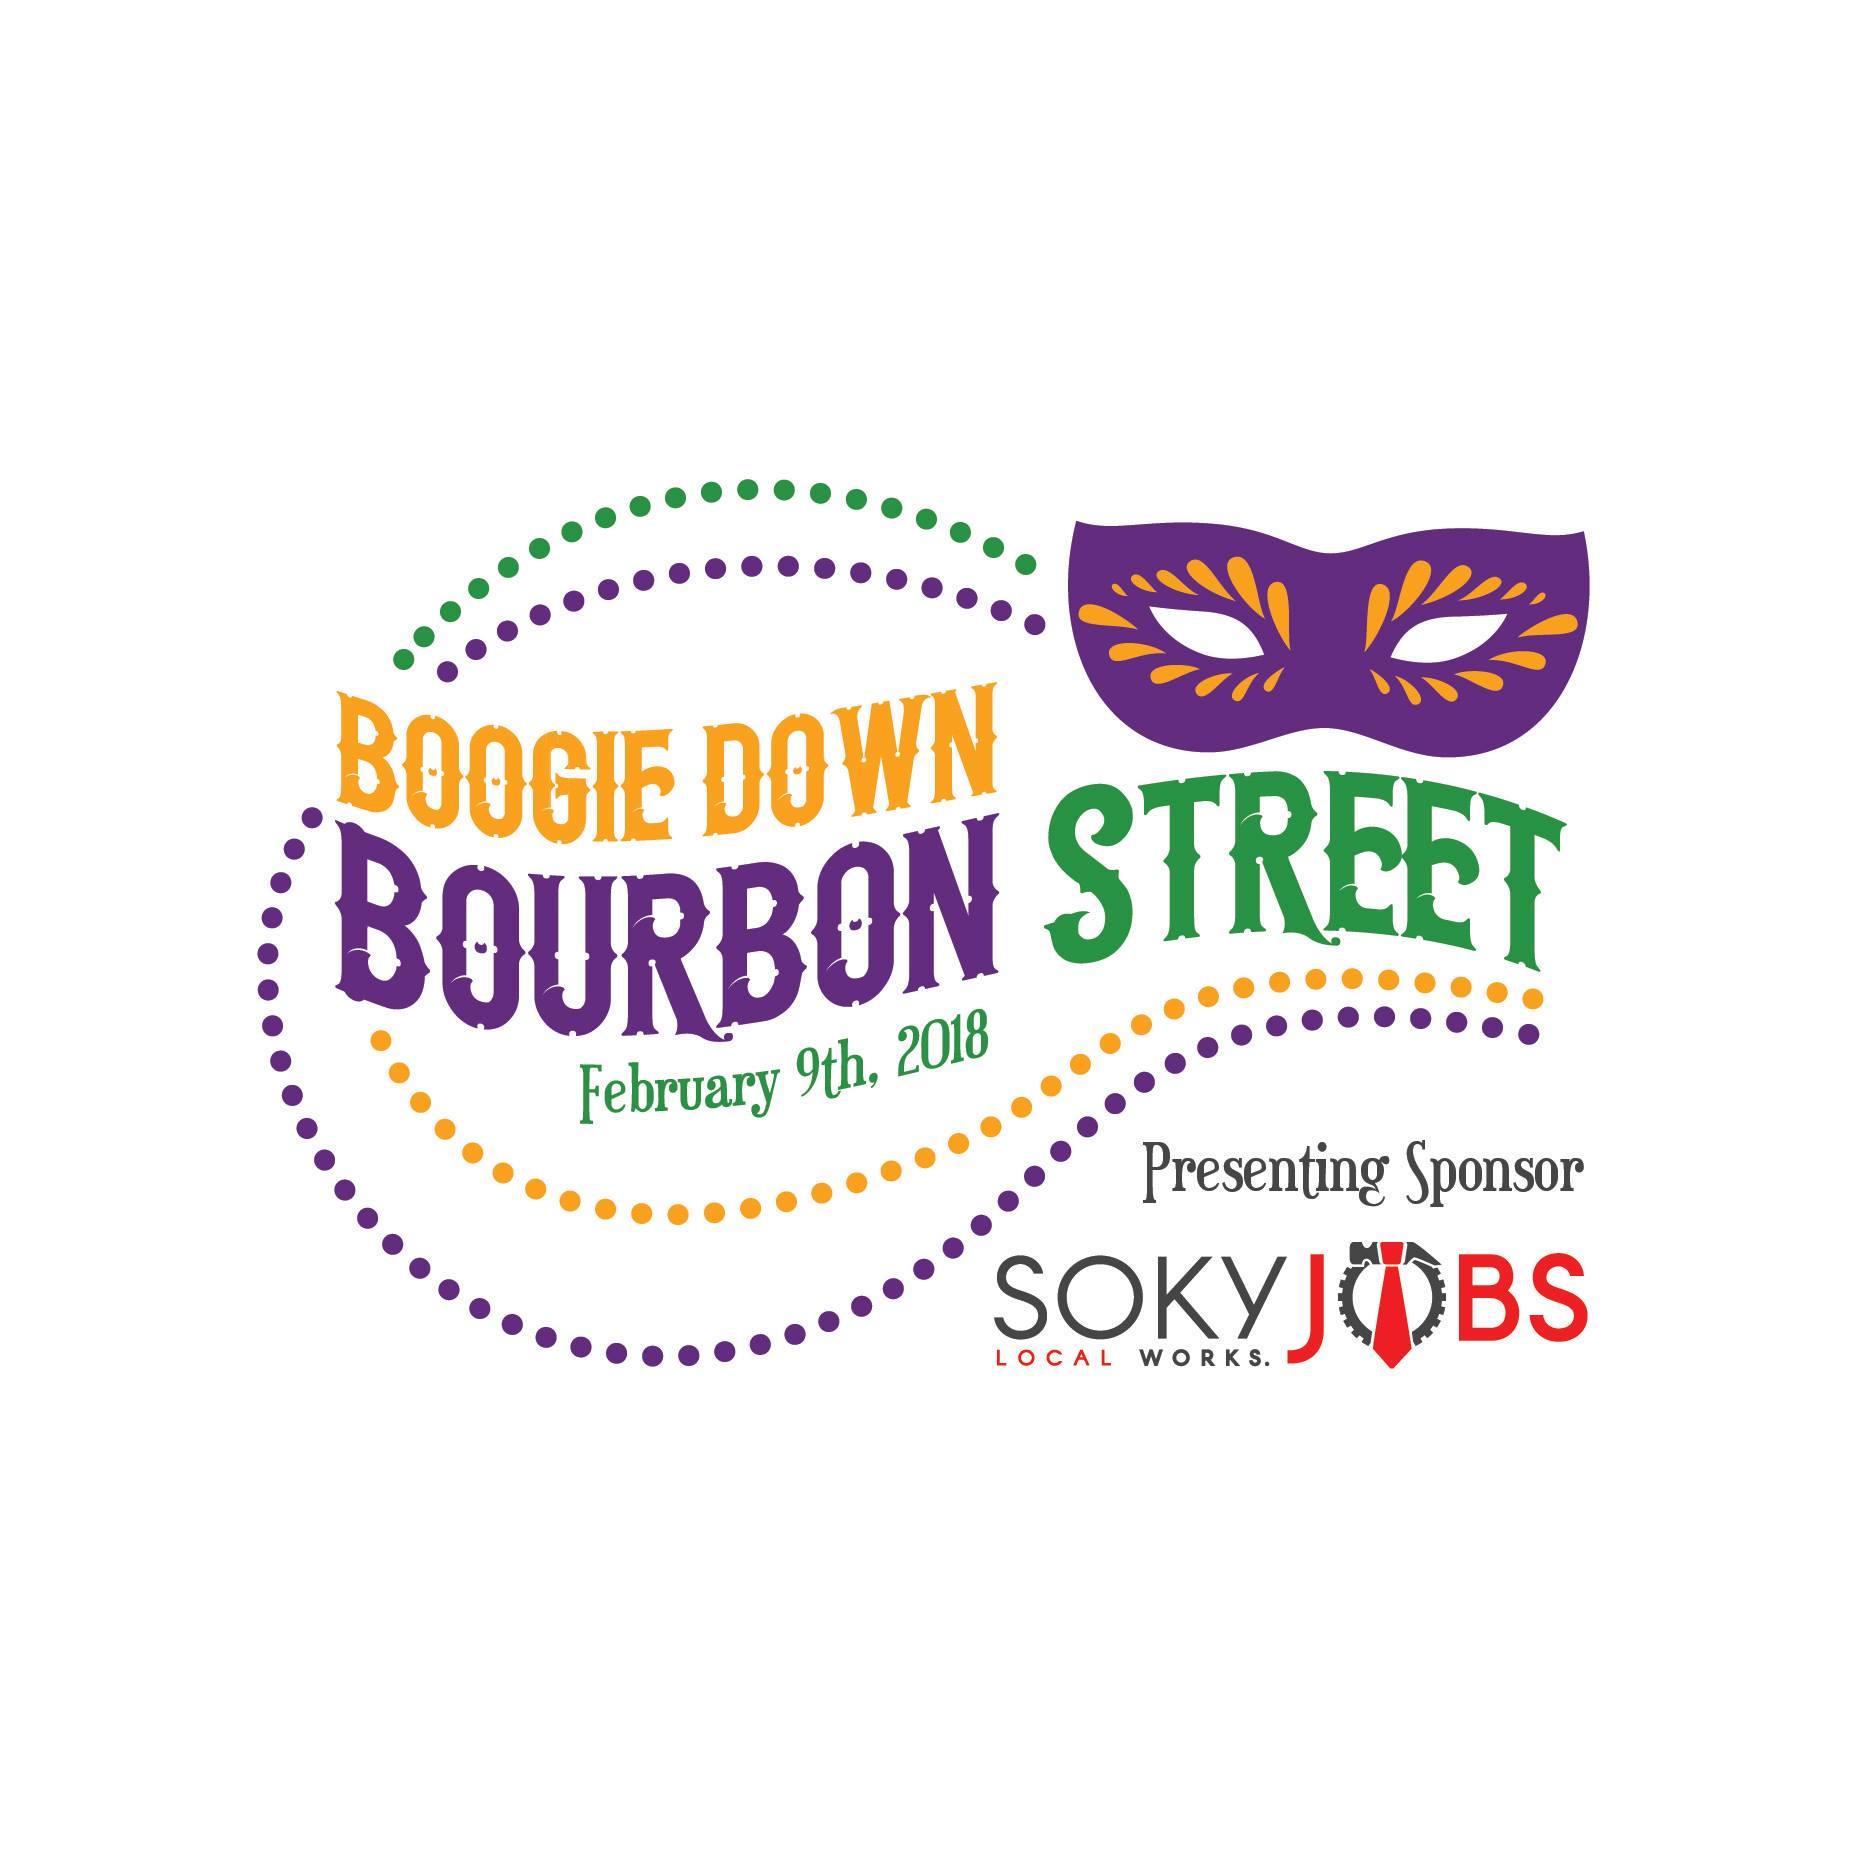 Boogie Down Bourbon Street